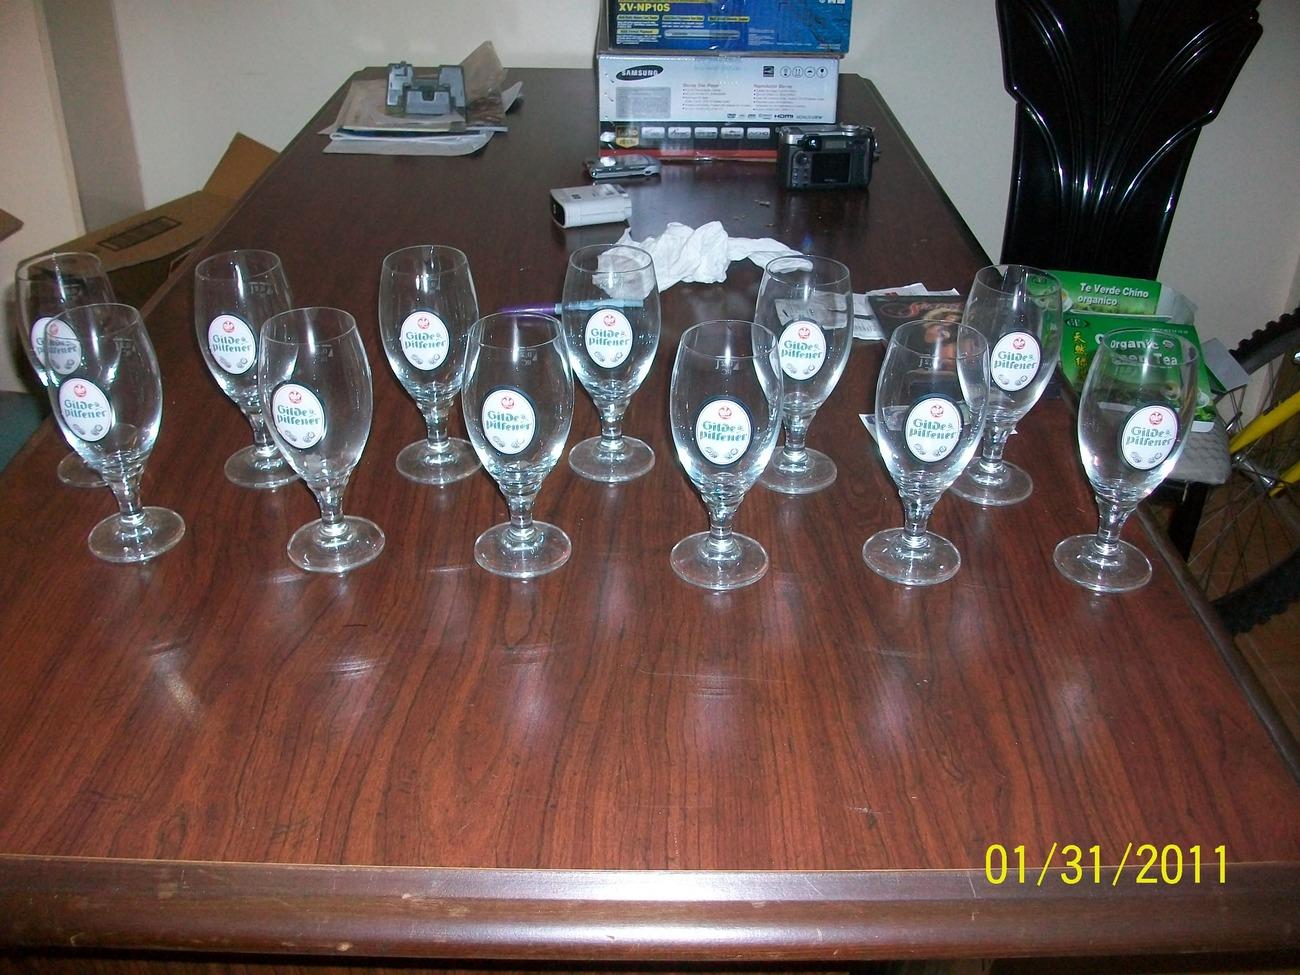 GLIDE PILSNER PREMIUM LAGER GERMAN BEER GLASSES - SET OF 12  NEW, 8 OZ